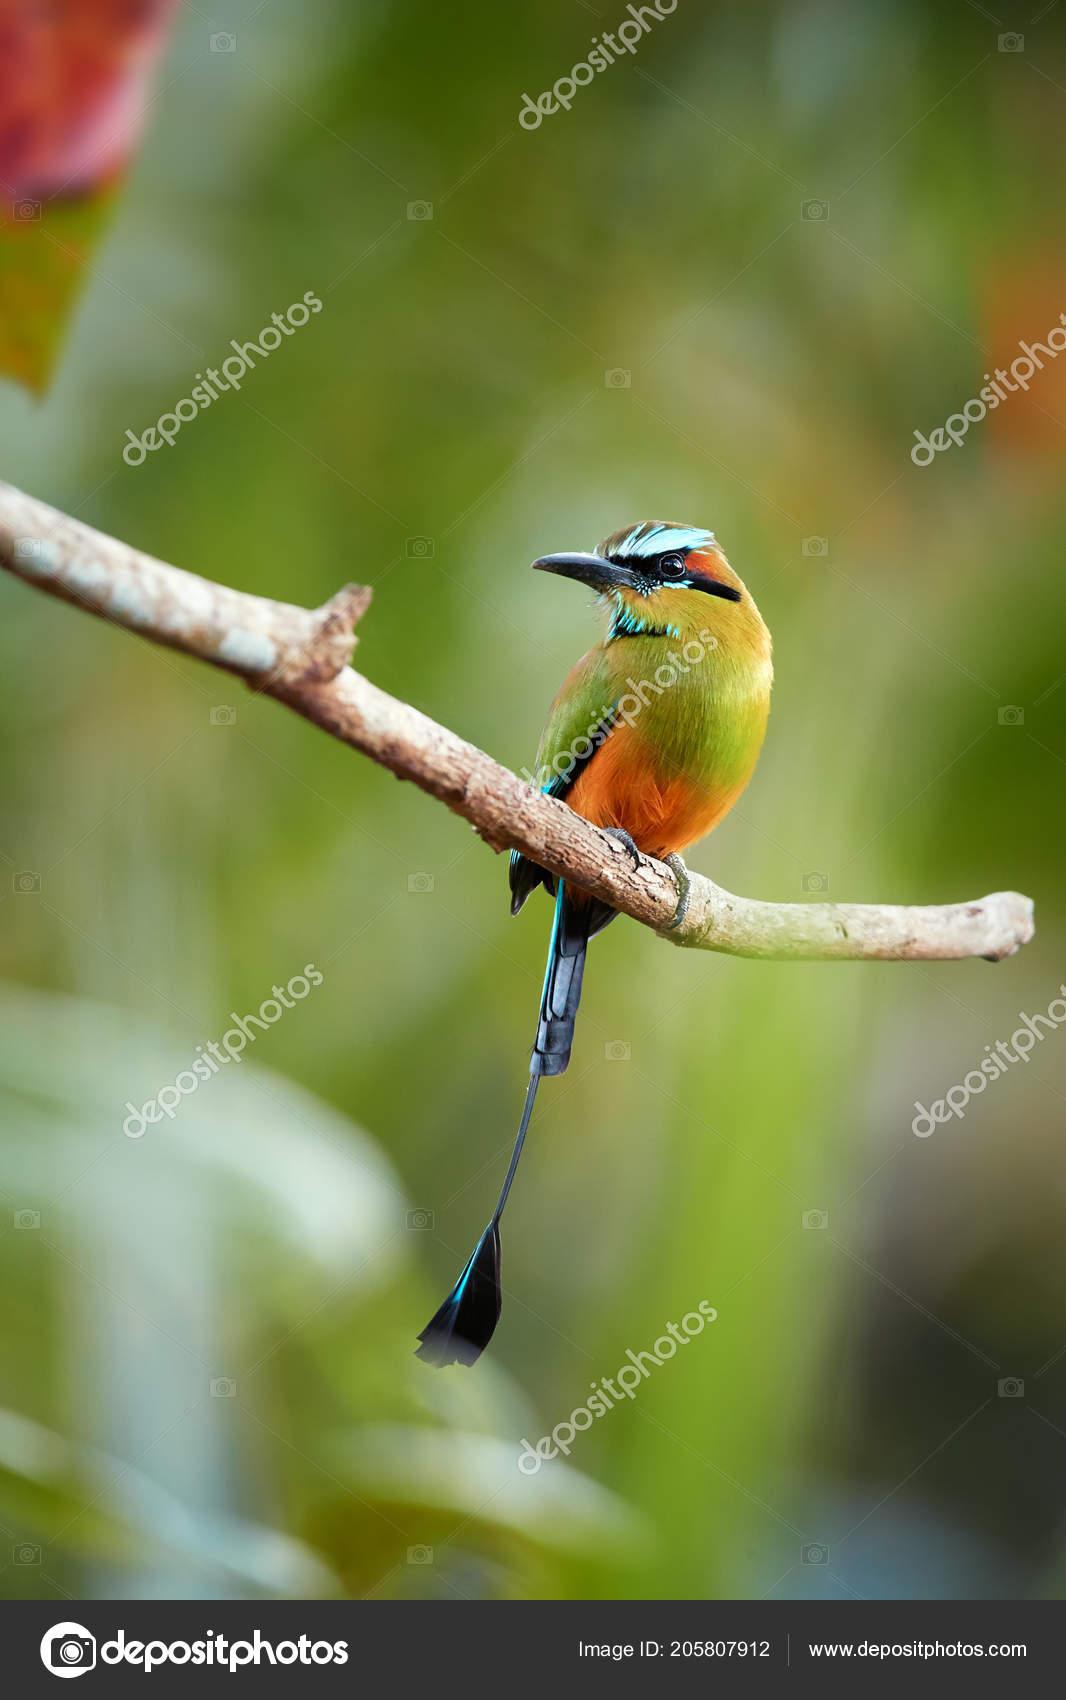 μεγάλο υγρό πουλί φωτογραφίες